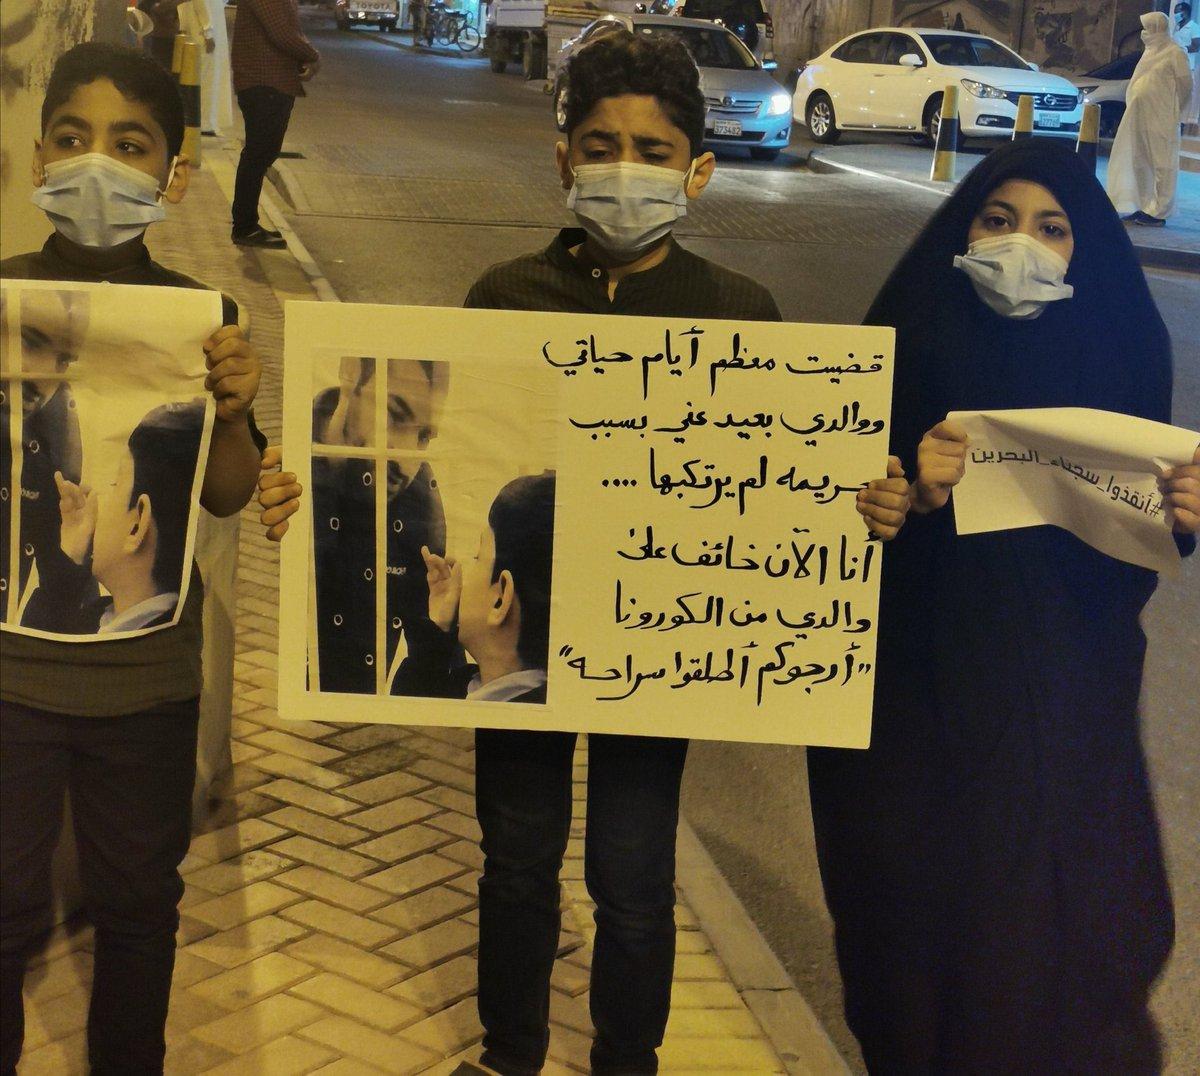 البحرين اليوم عائلة المعتقل المحكوم بالإعدام محمد رمضان تعتصم للمطالبة بالإفراج عنه أنقذوا سجناء البحرين